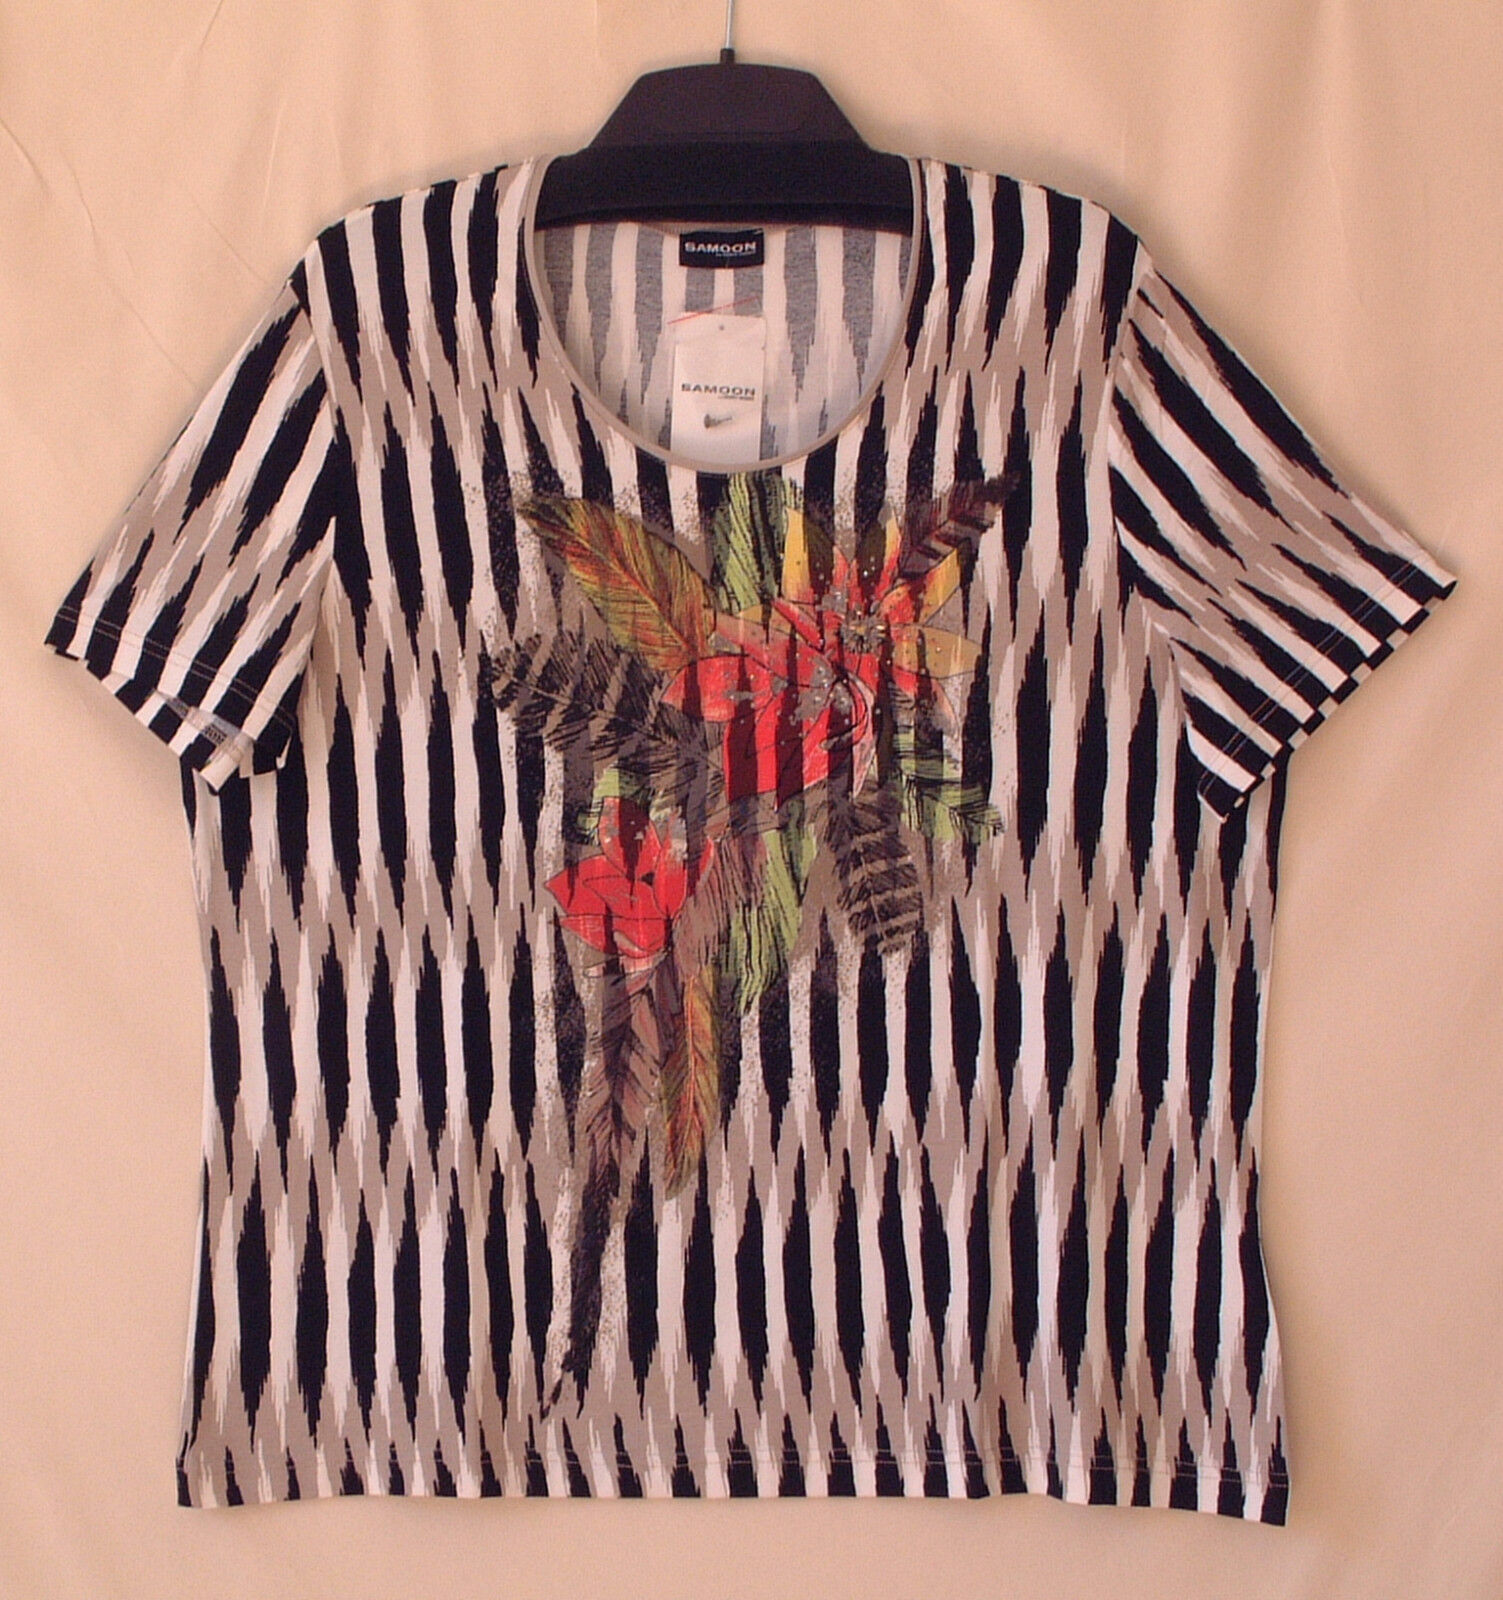 Samoon Shirt Gerry Weber Jersey-Stretch sommerliches Damenshirt Neu Damen Gr.46